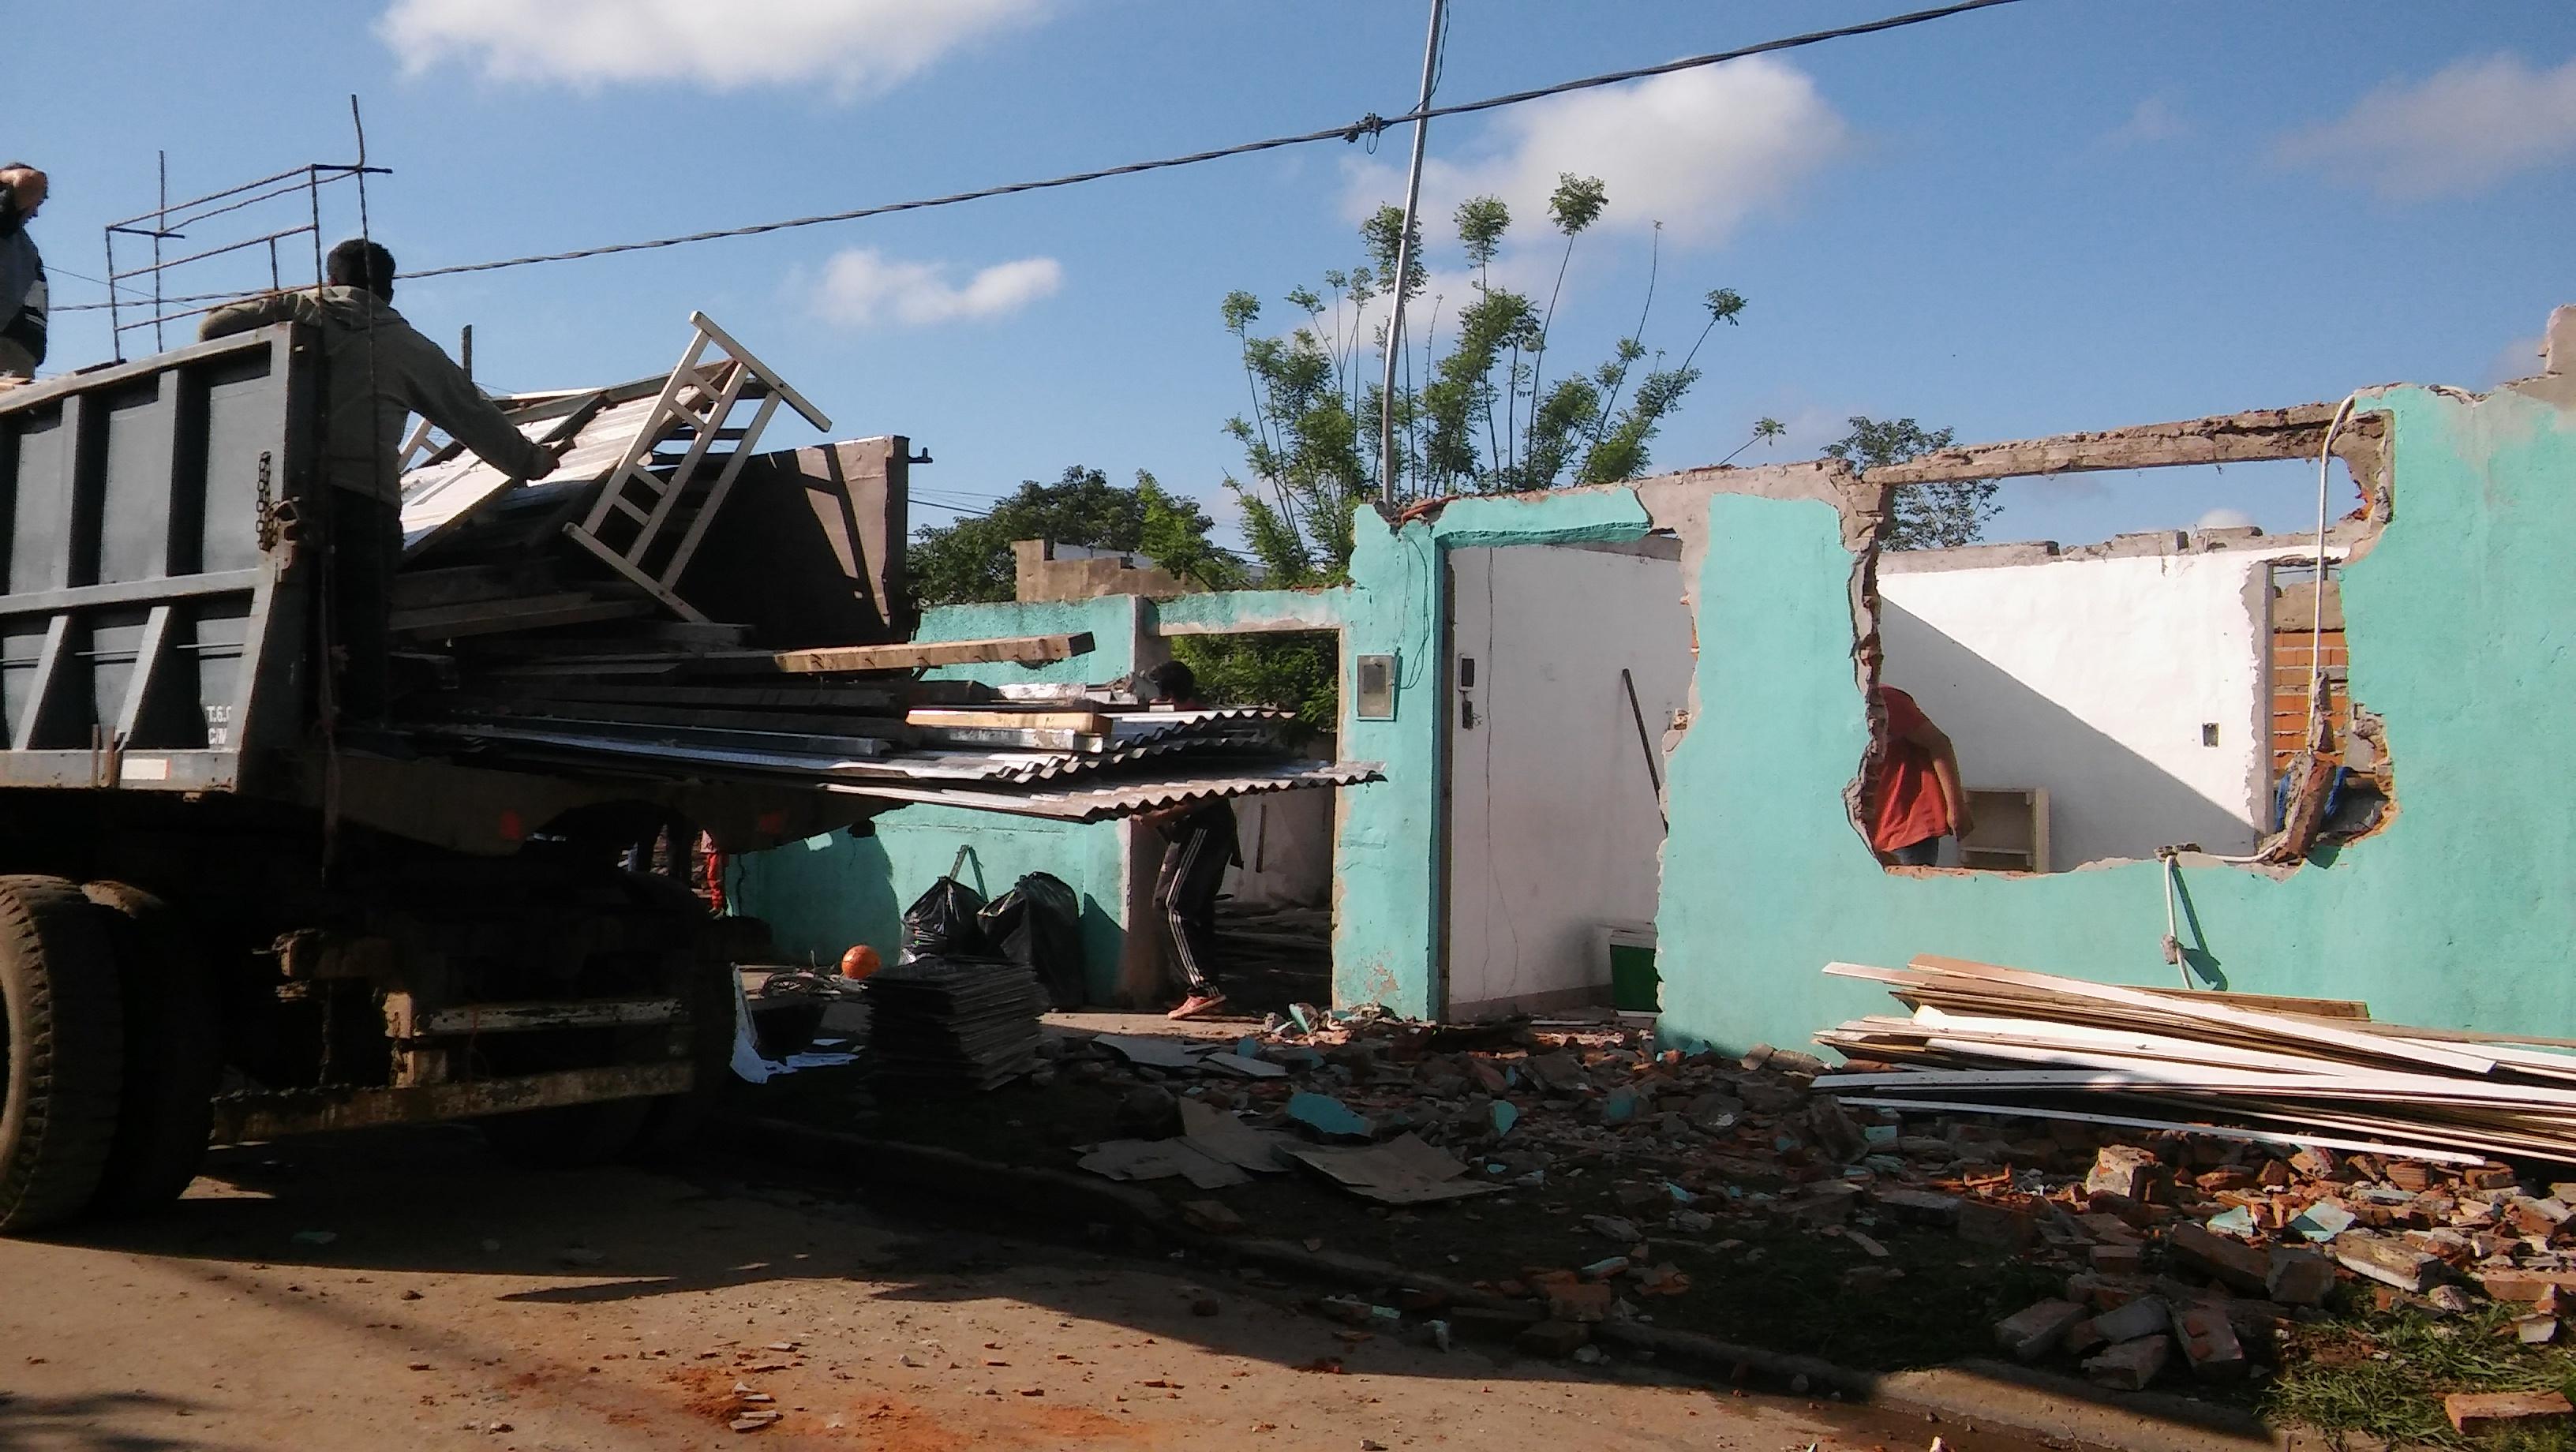 Se trata de la vecina Fabiola López, quien hace unos años junto a su pareja fue construyendo el hogar para sus hijos, con la esperanza de consolidar sus derechos con el paso del tiempo.